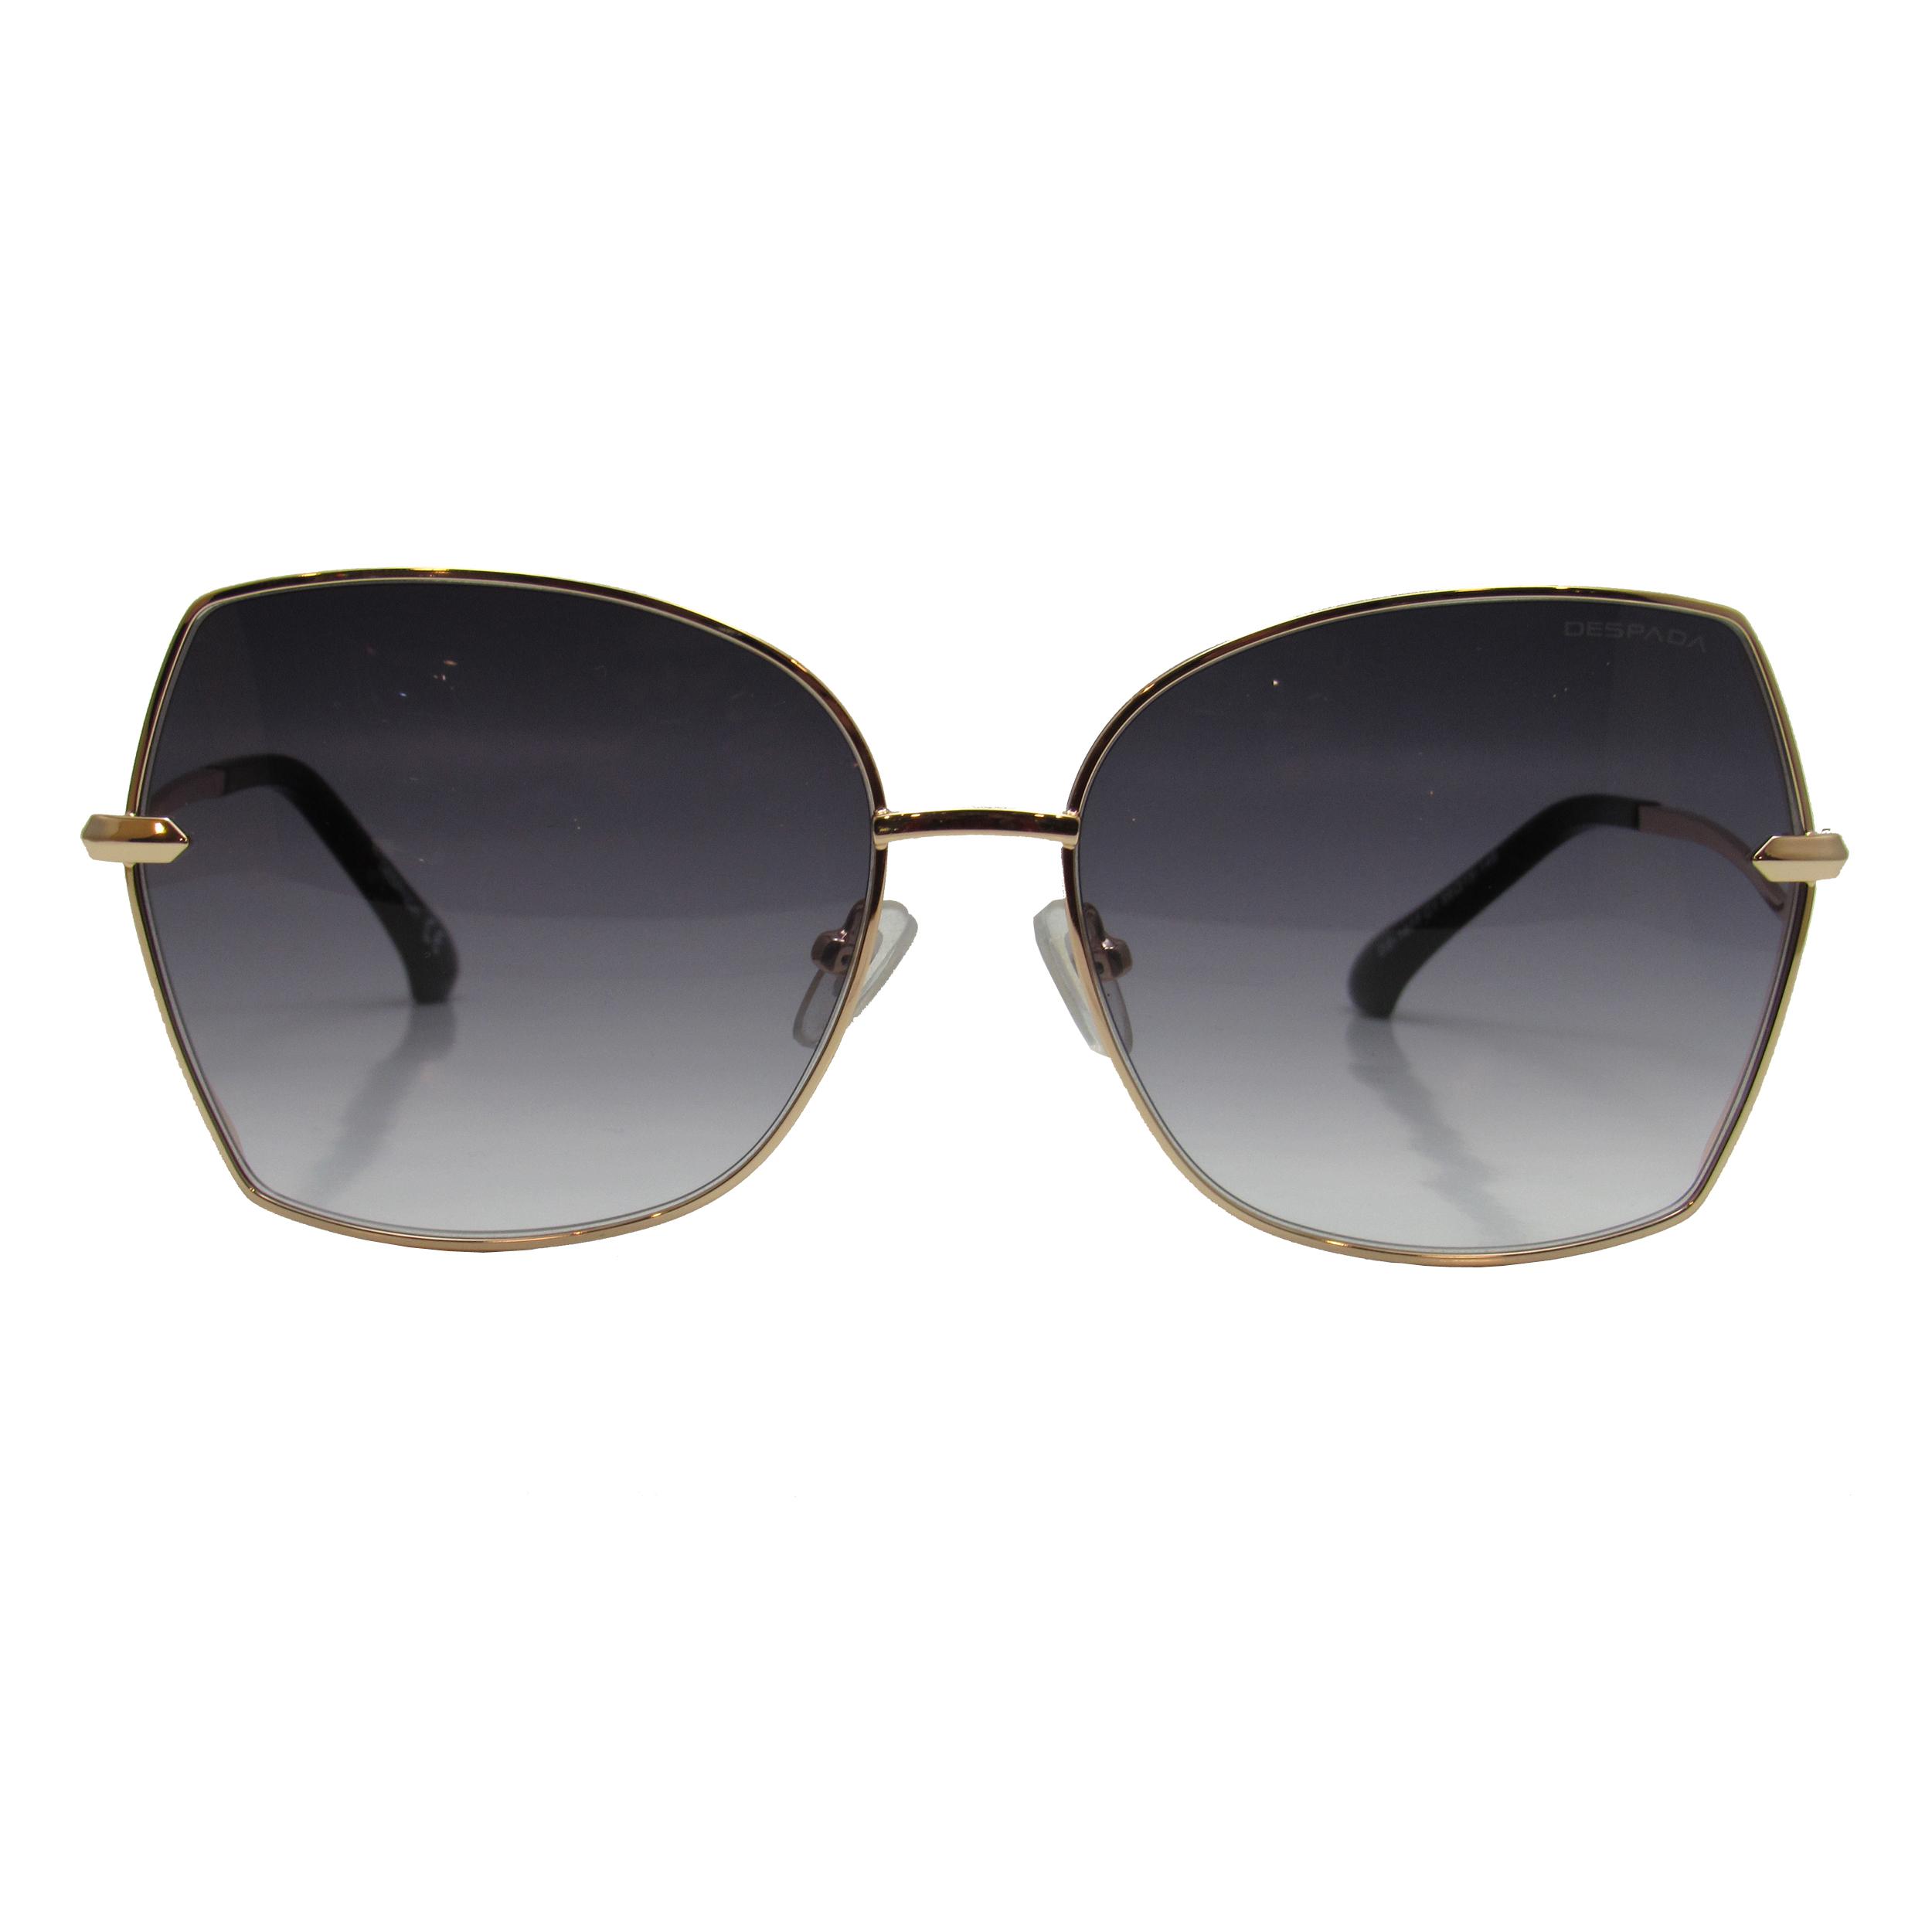 عینک آفتابی زنانه دسپادا مدل DS1877 - C1